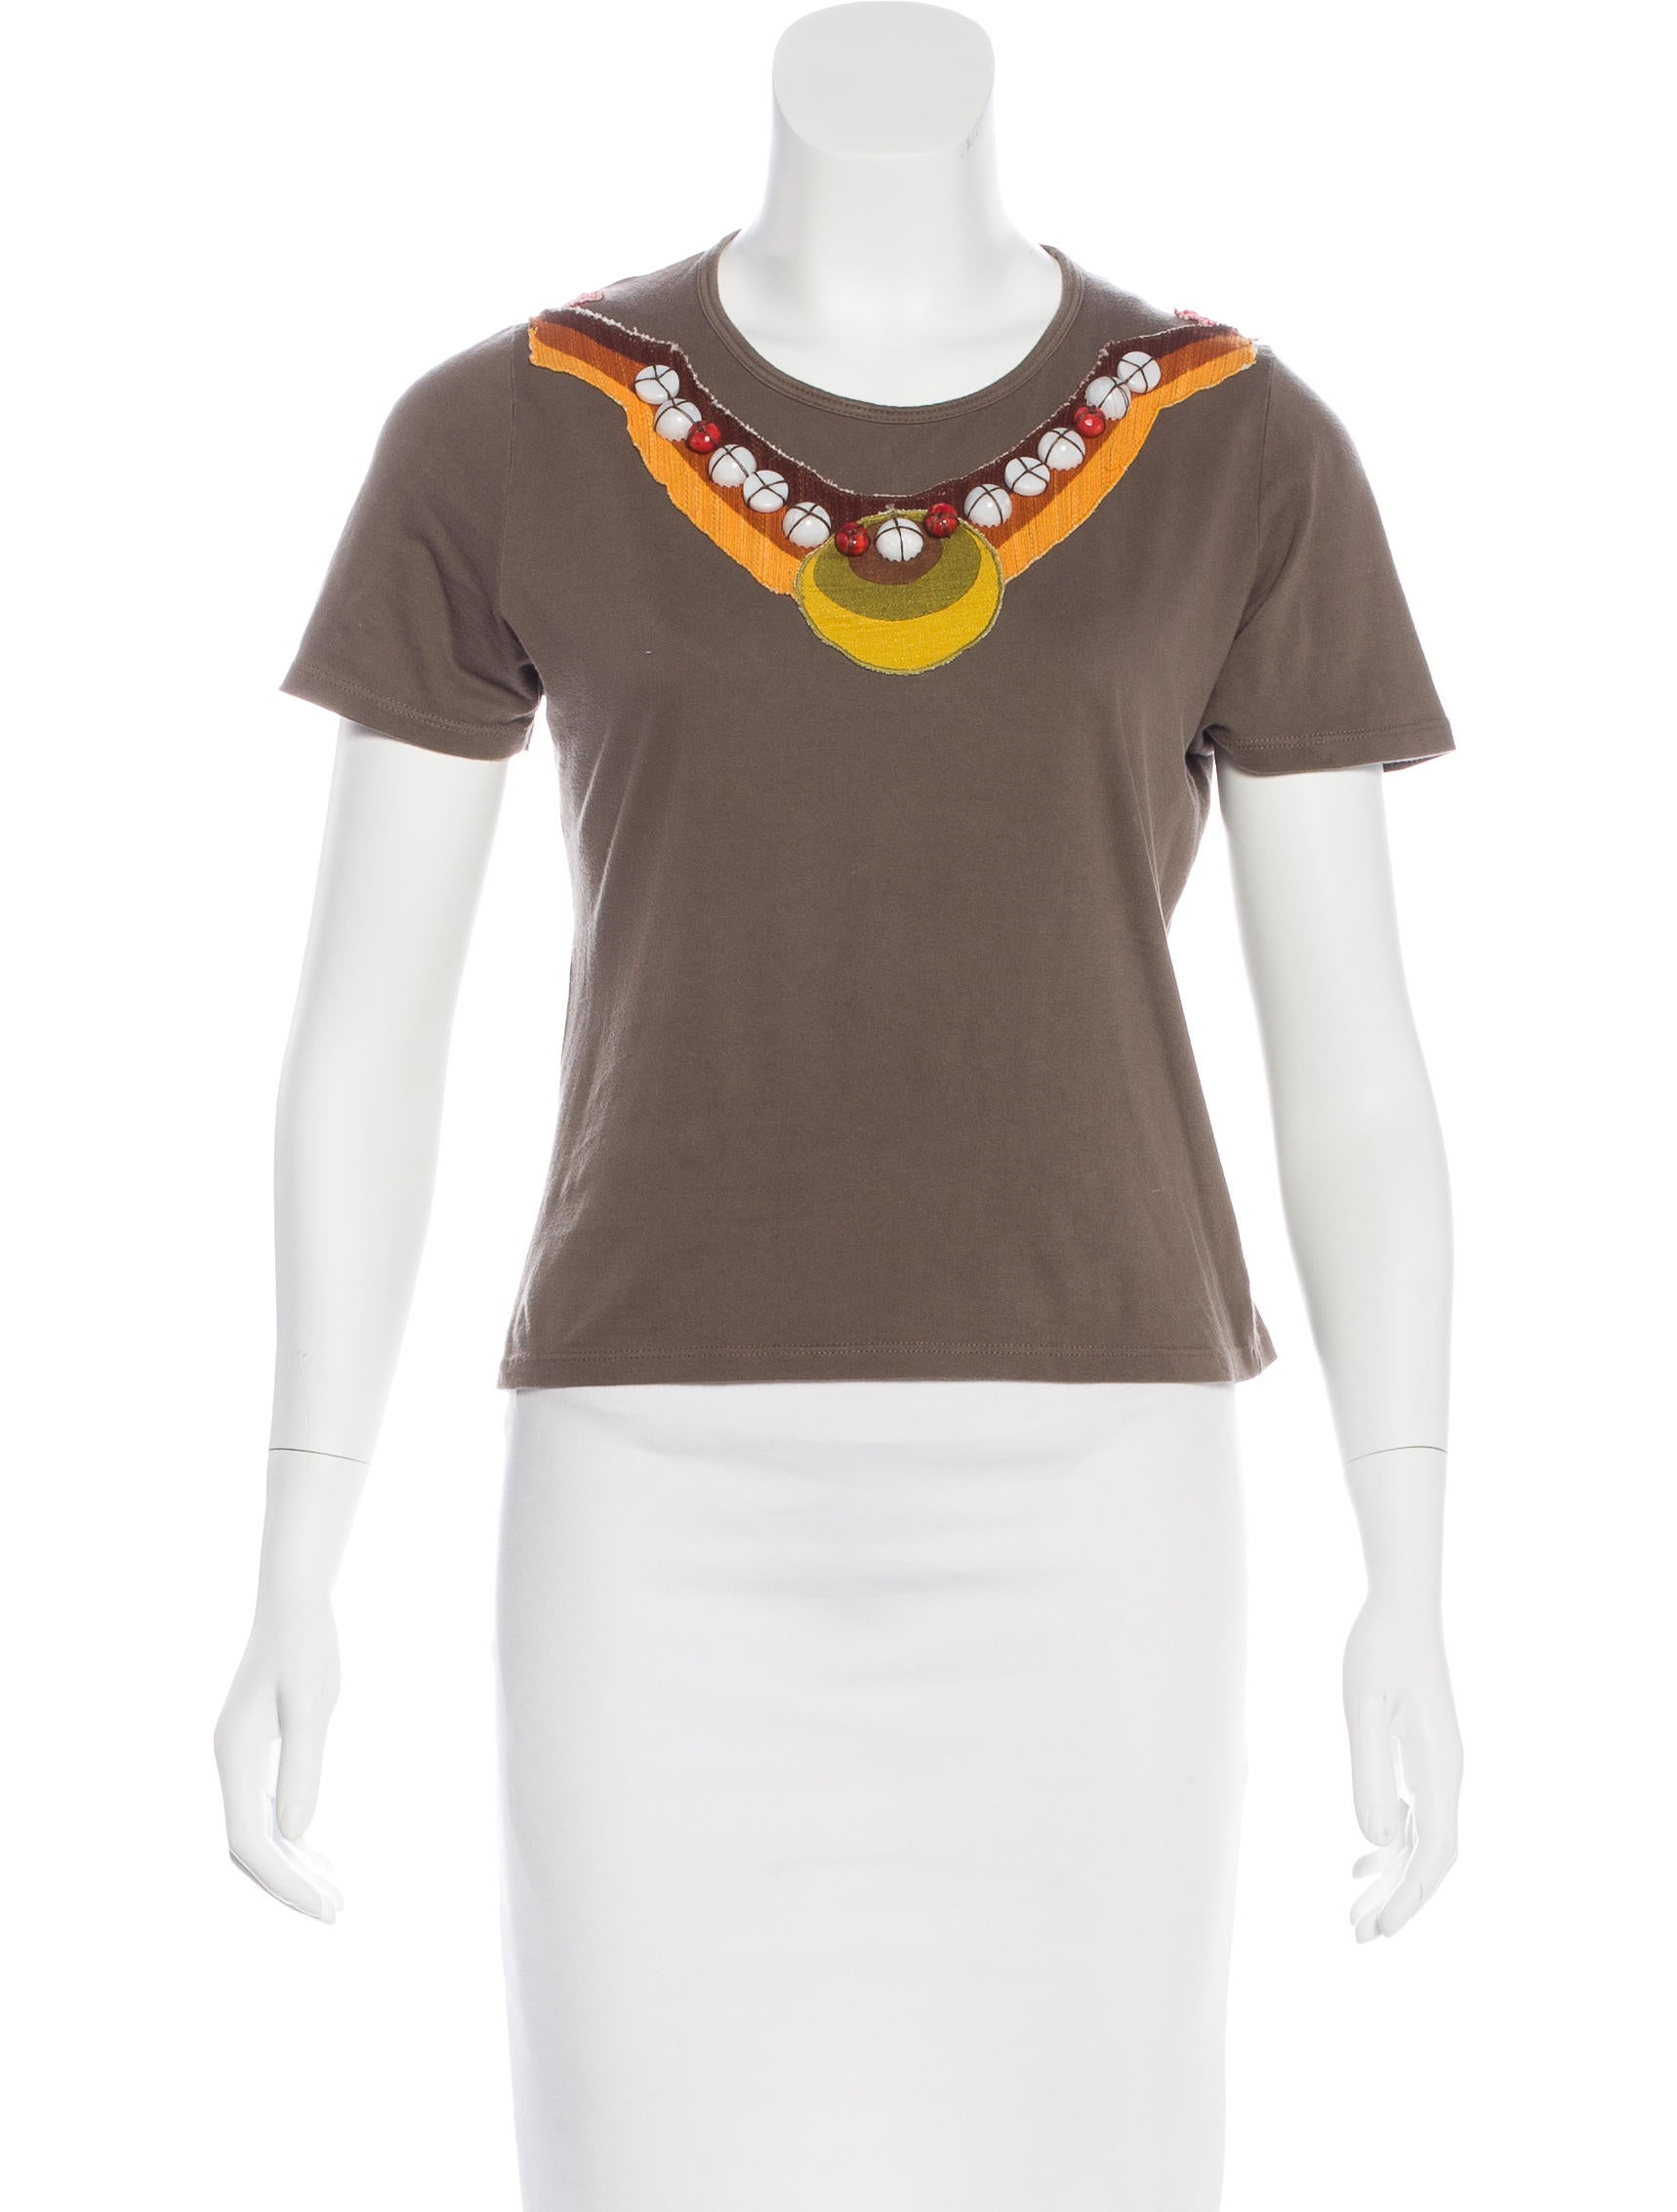 Miu miu embellished t shirt clothing miu48947 the for Women s embellished t shirts